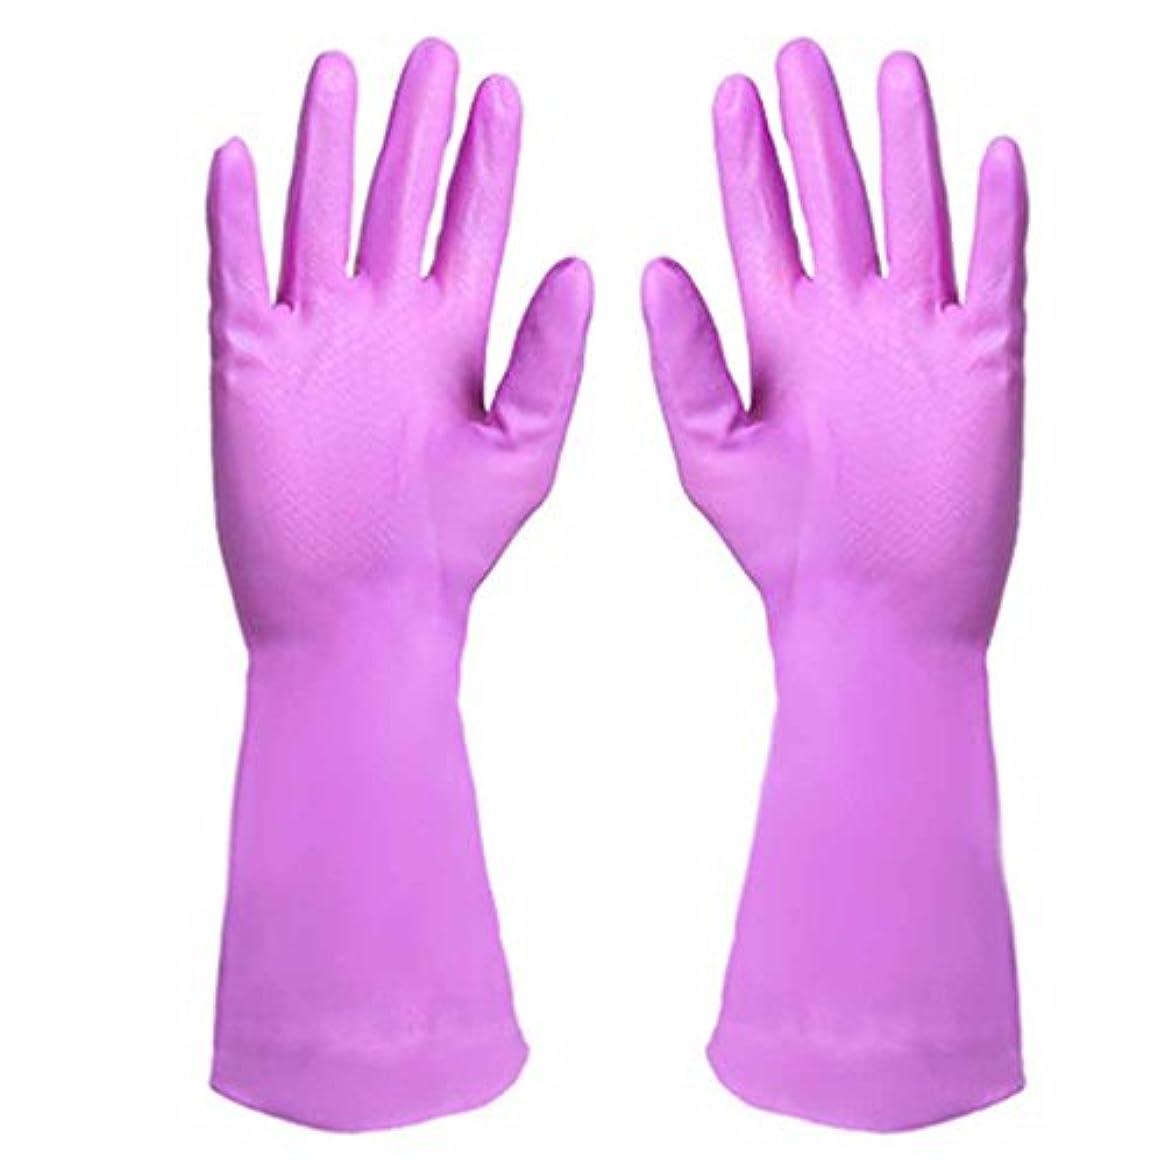 外側サポート故国使い捨て手袋 PVCソフト防油防水手袋キッチン耐久性汚れ手袋 (Color : Purple)